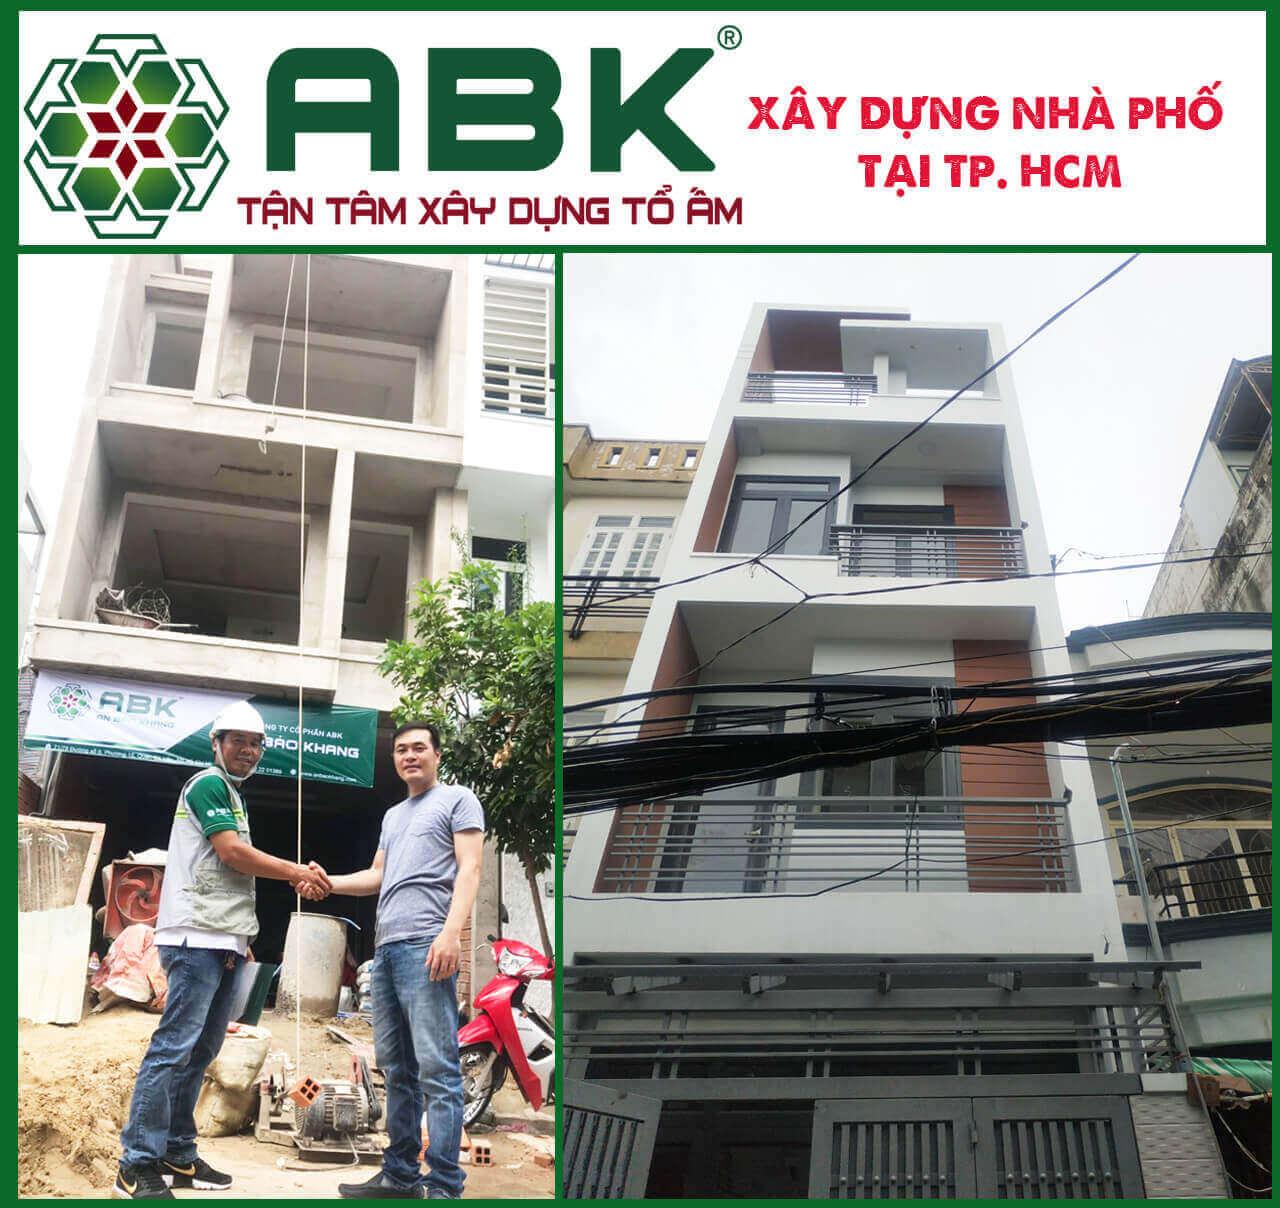 Công ty thiết kế xây dựng nhà phố giá rẻ tại TP. HCM